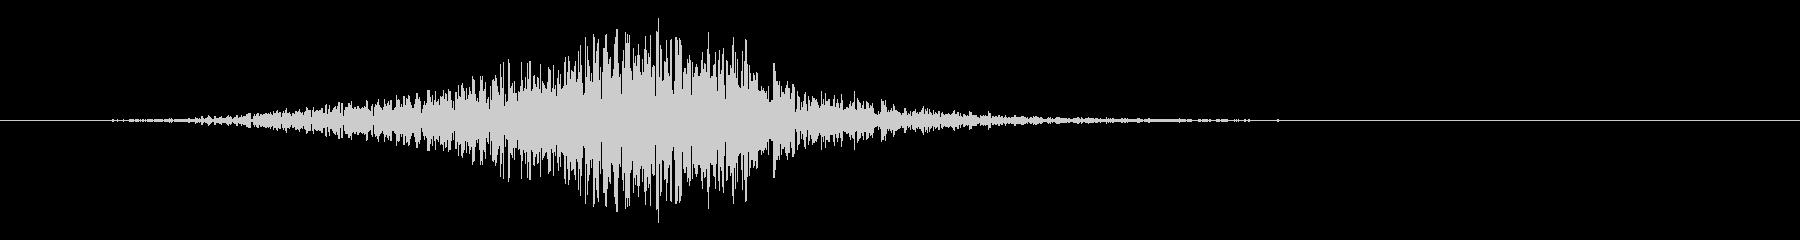 インパクトサブリバースディープダー...の未再生の波形